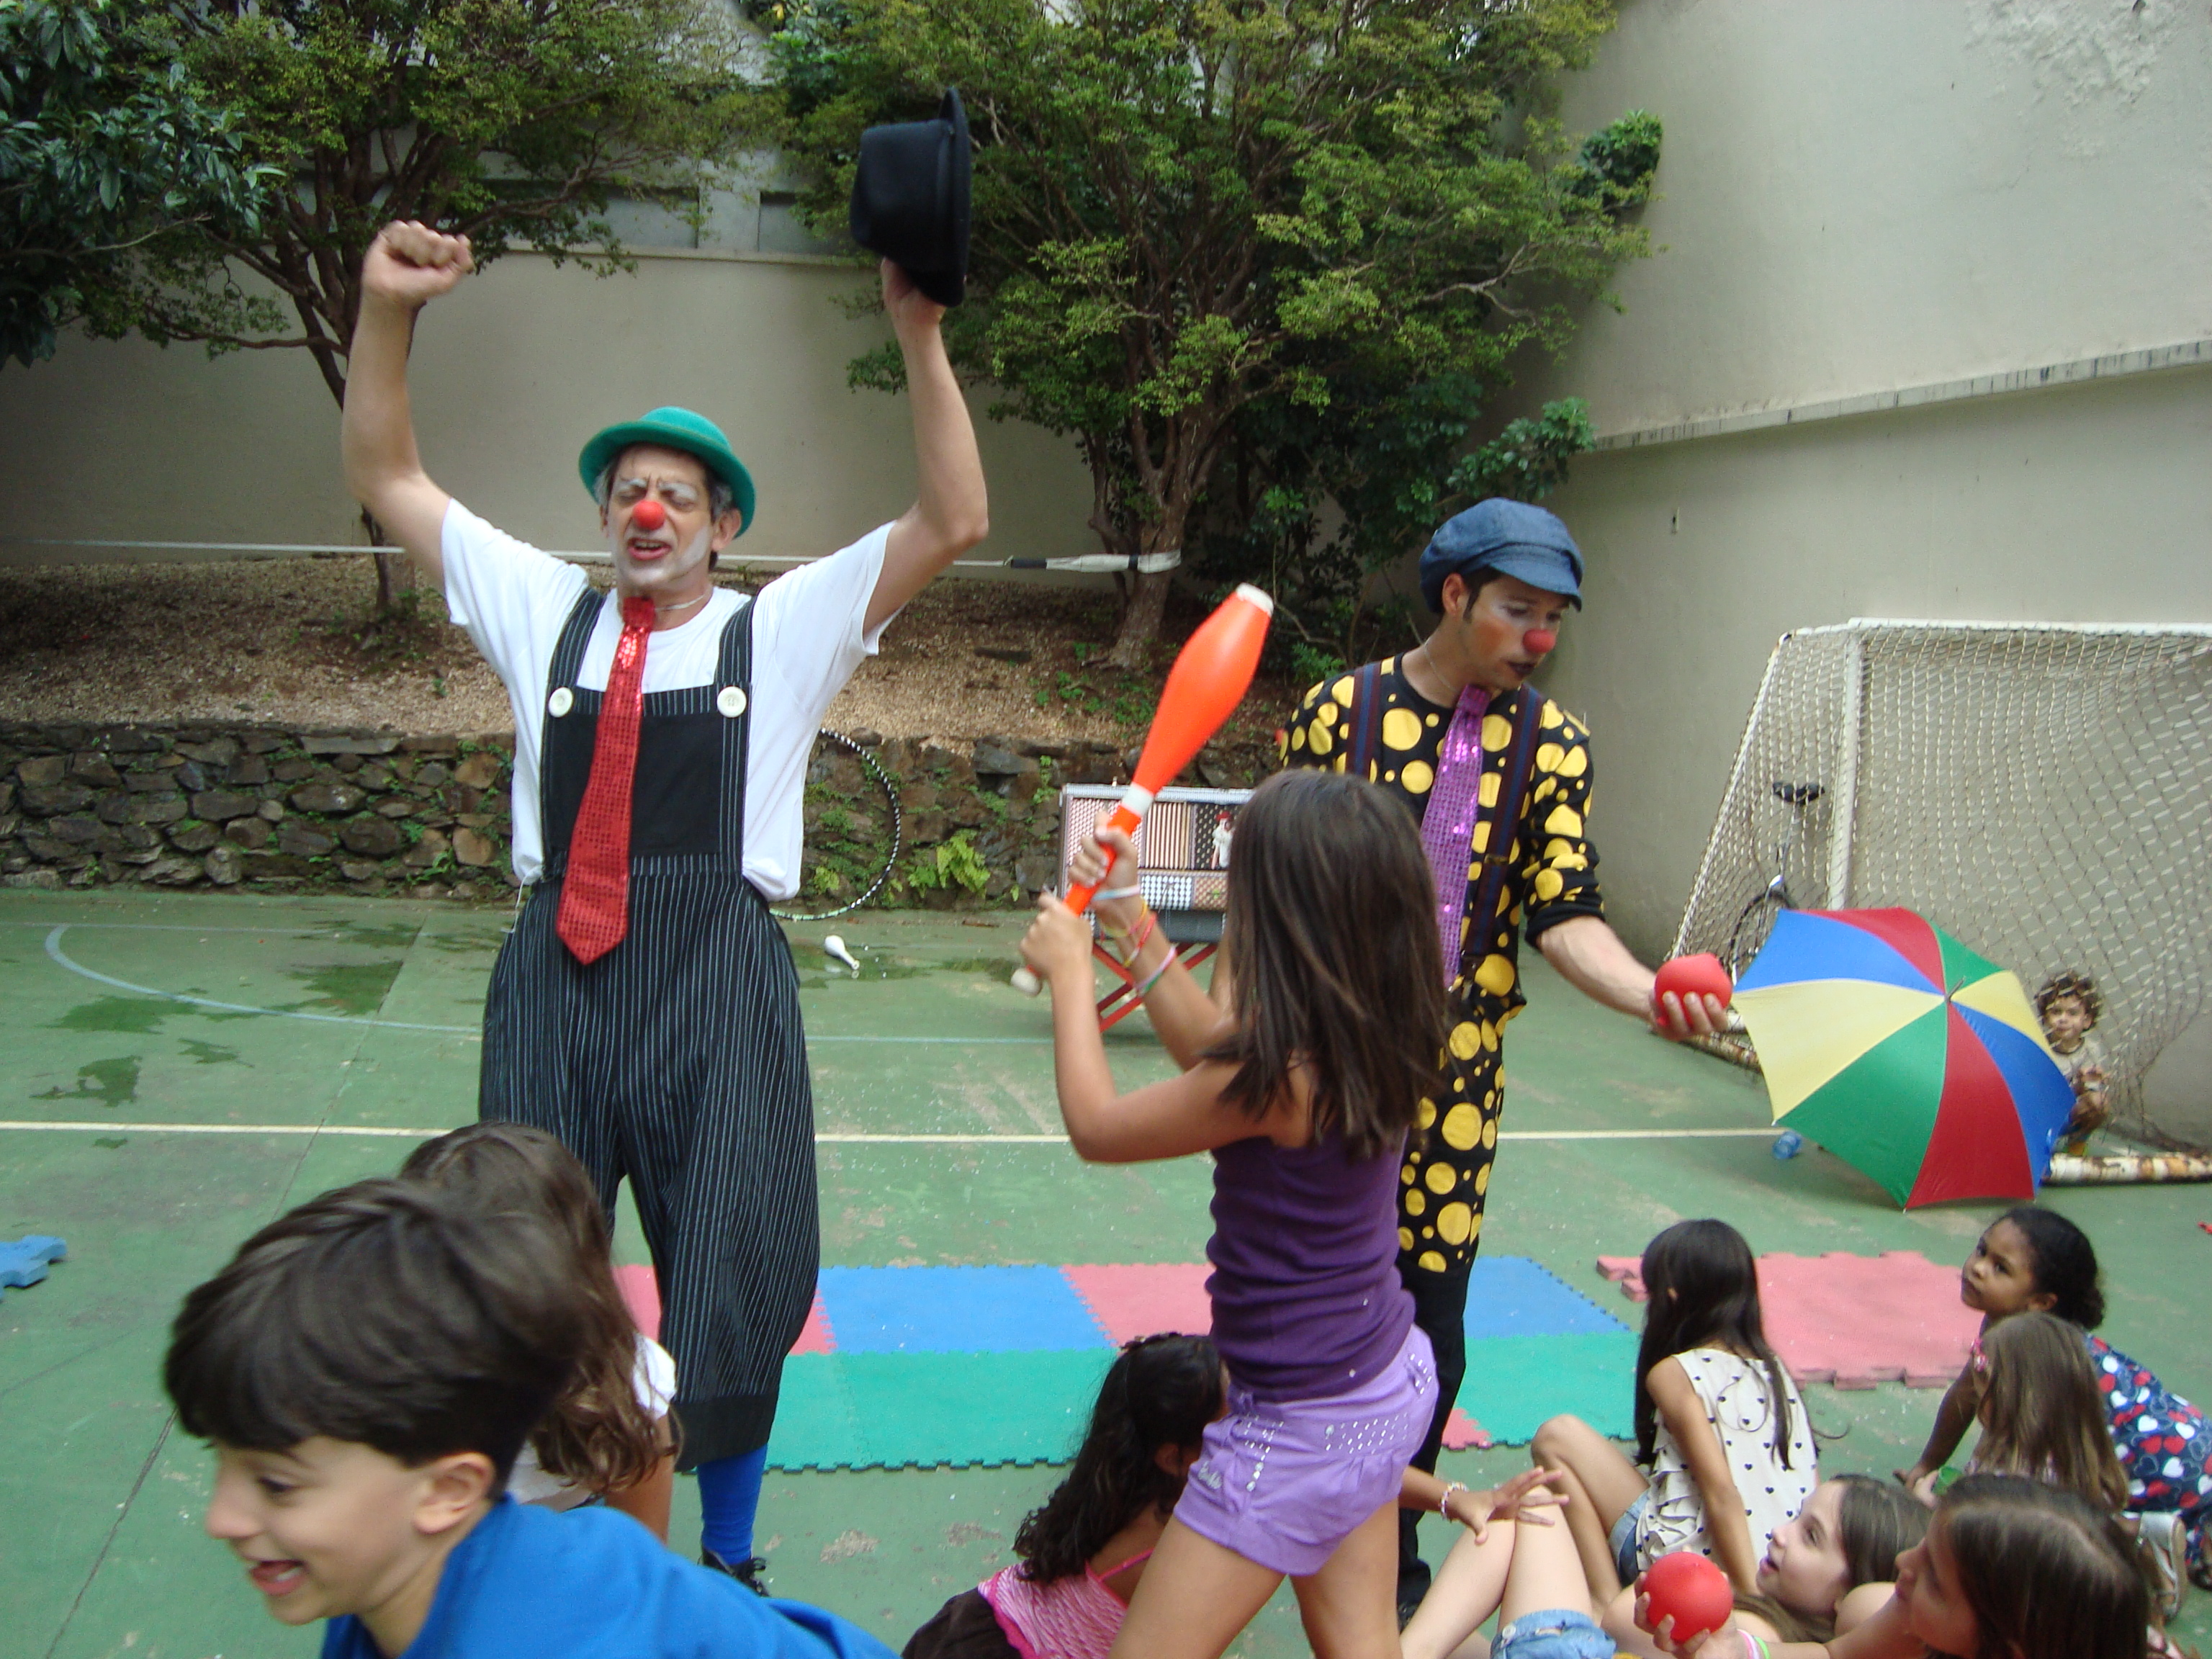 Contratação de assessoria esportiva garante férias seguras e divertidas